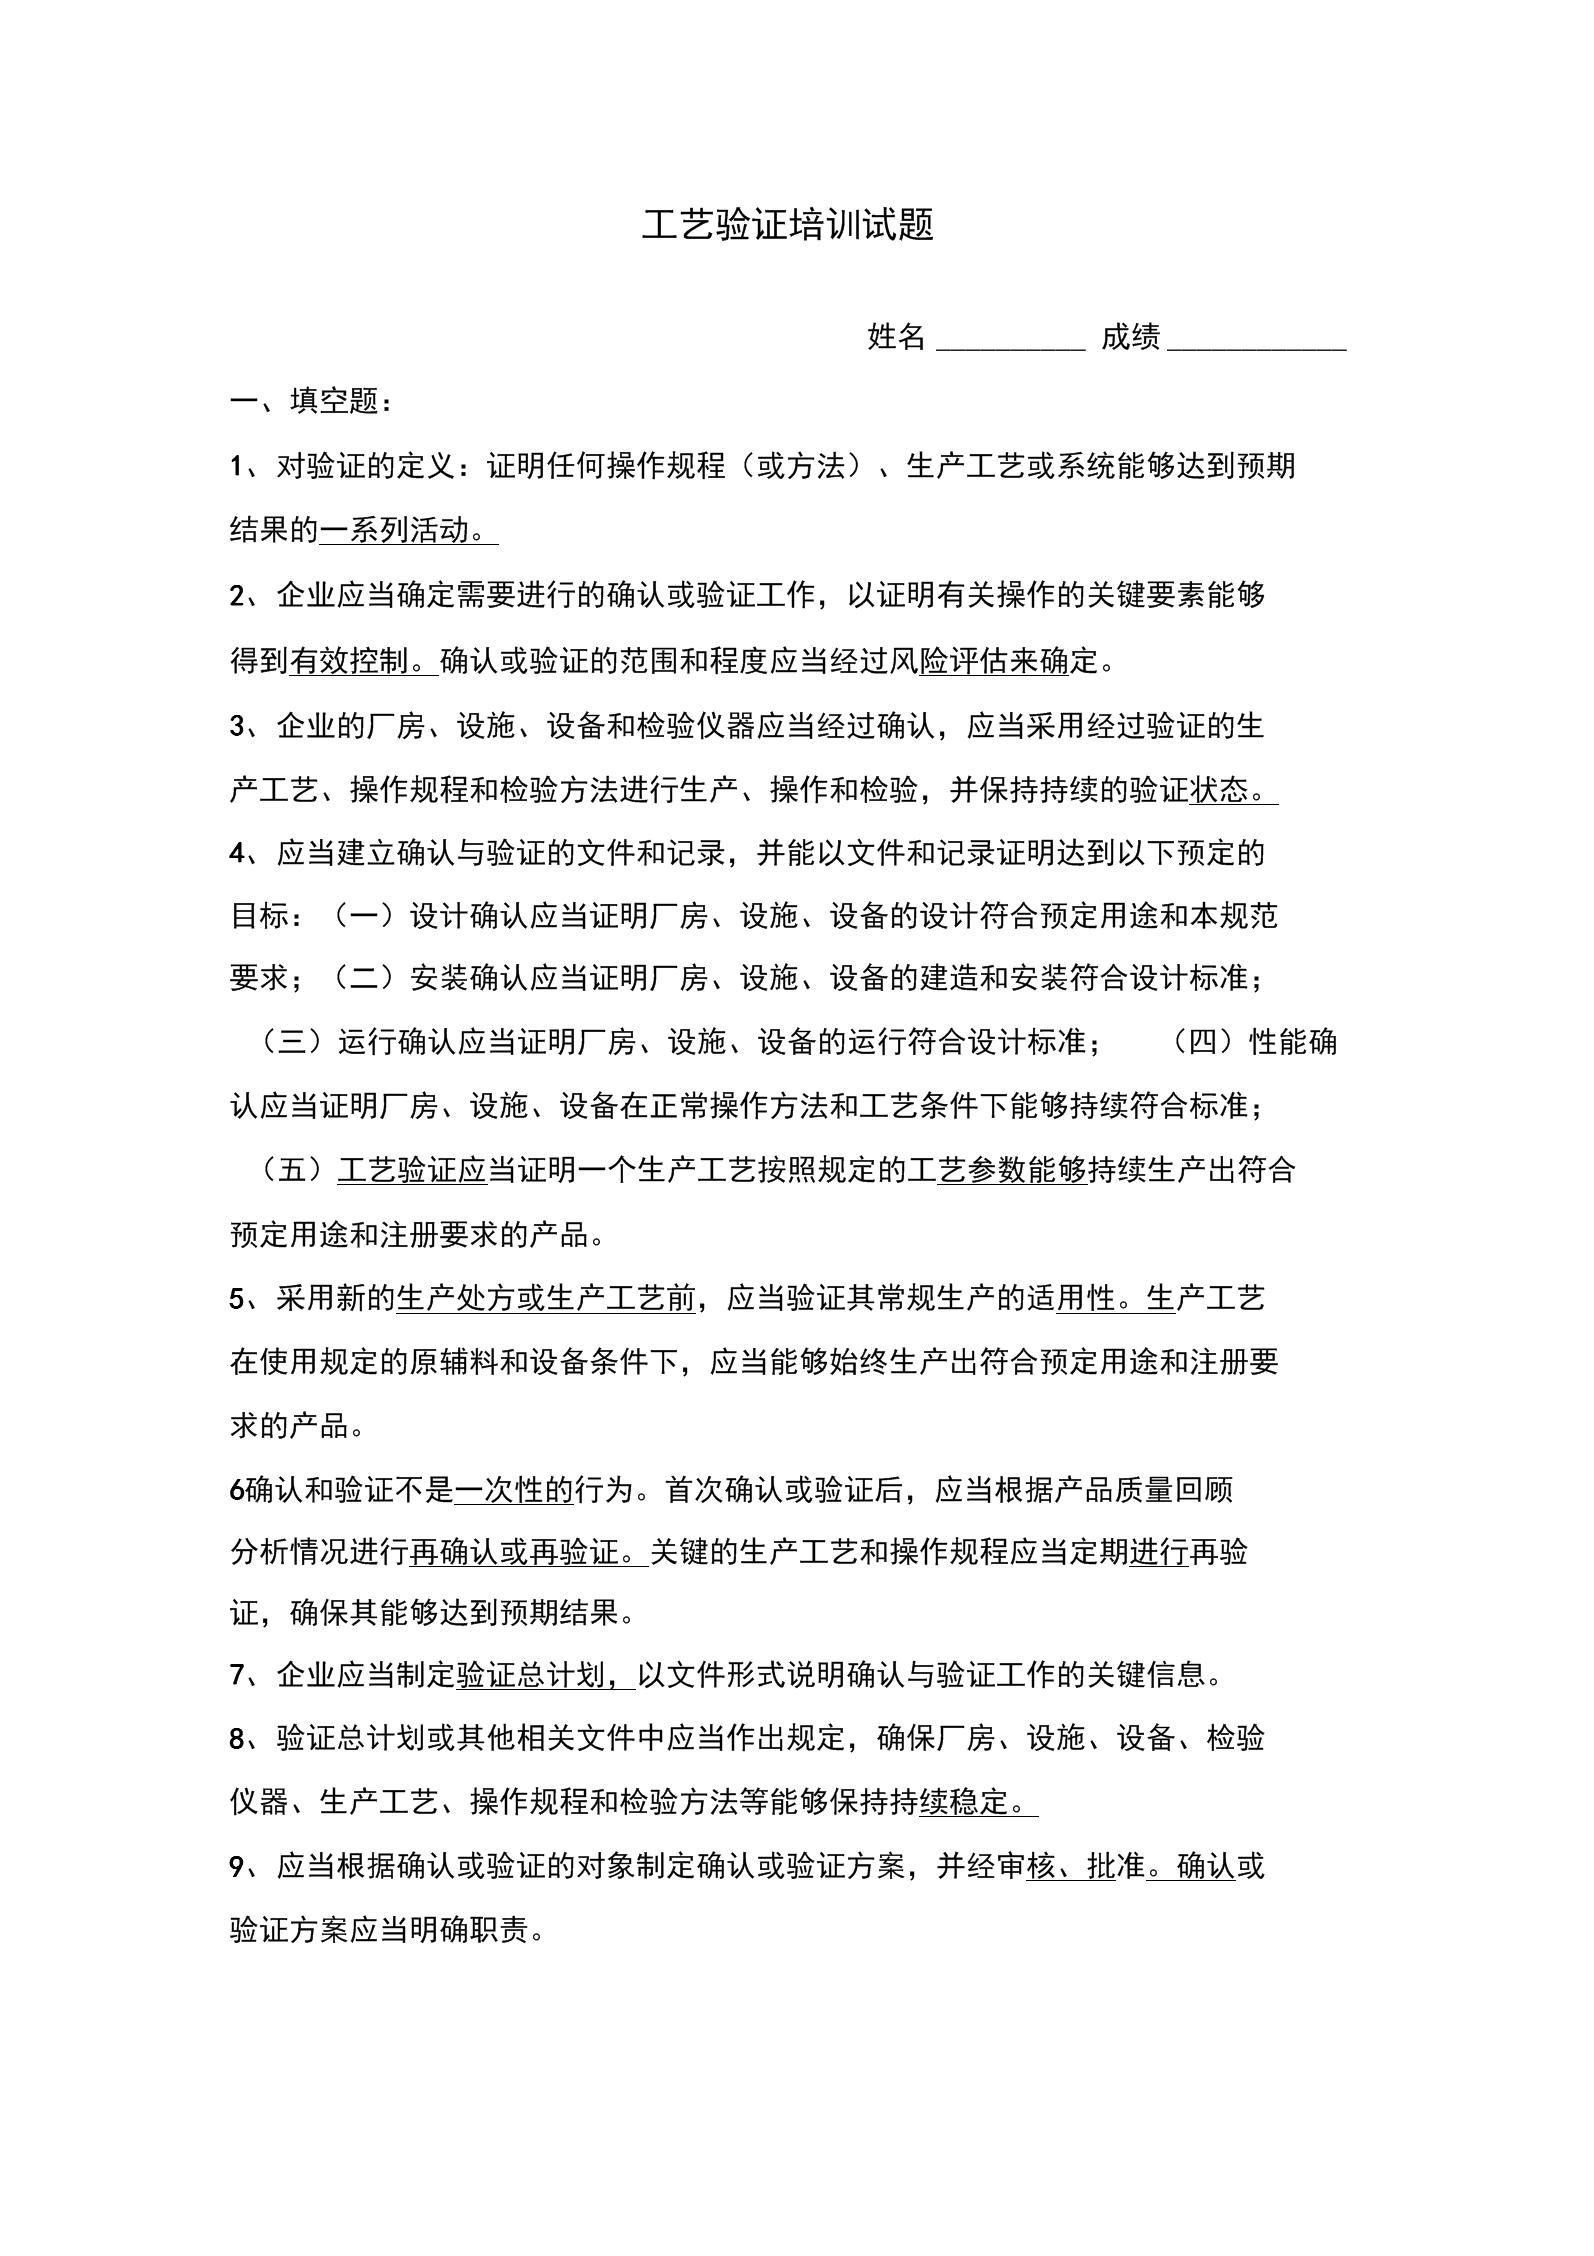 工艺验证培训试题.docx